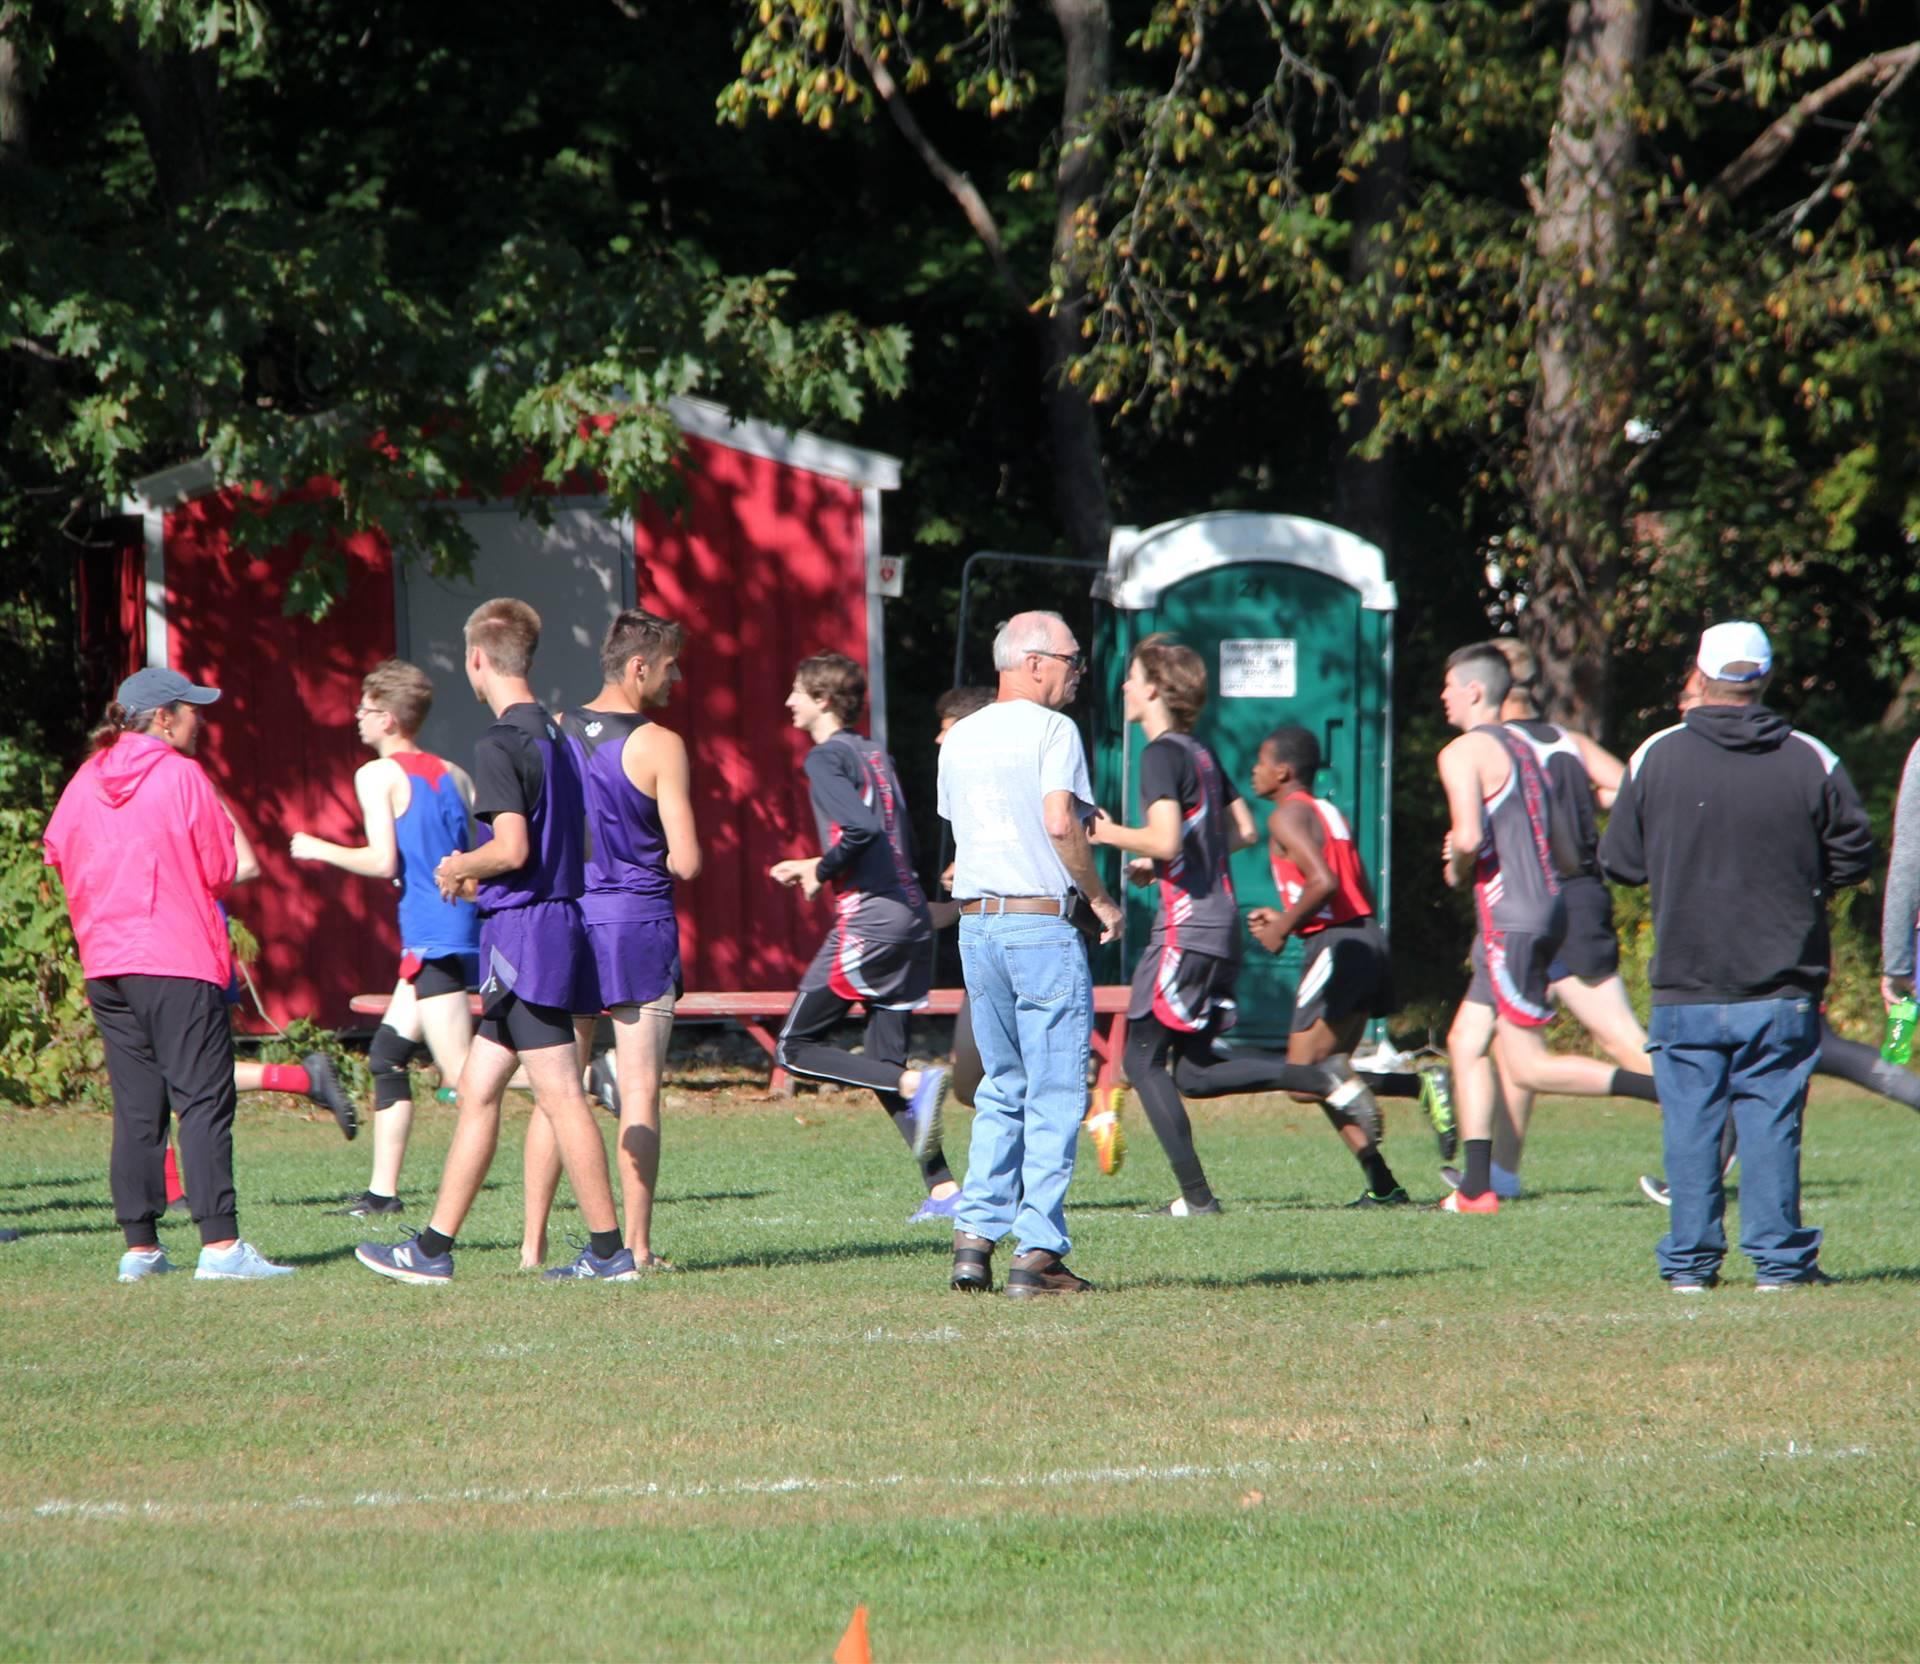 people watching runners